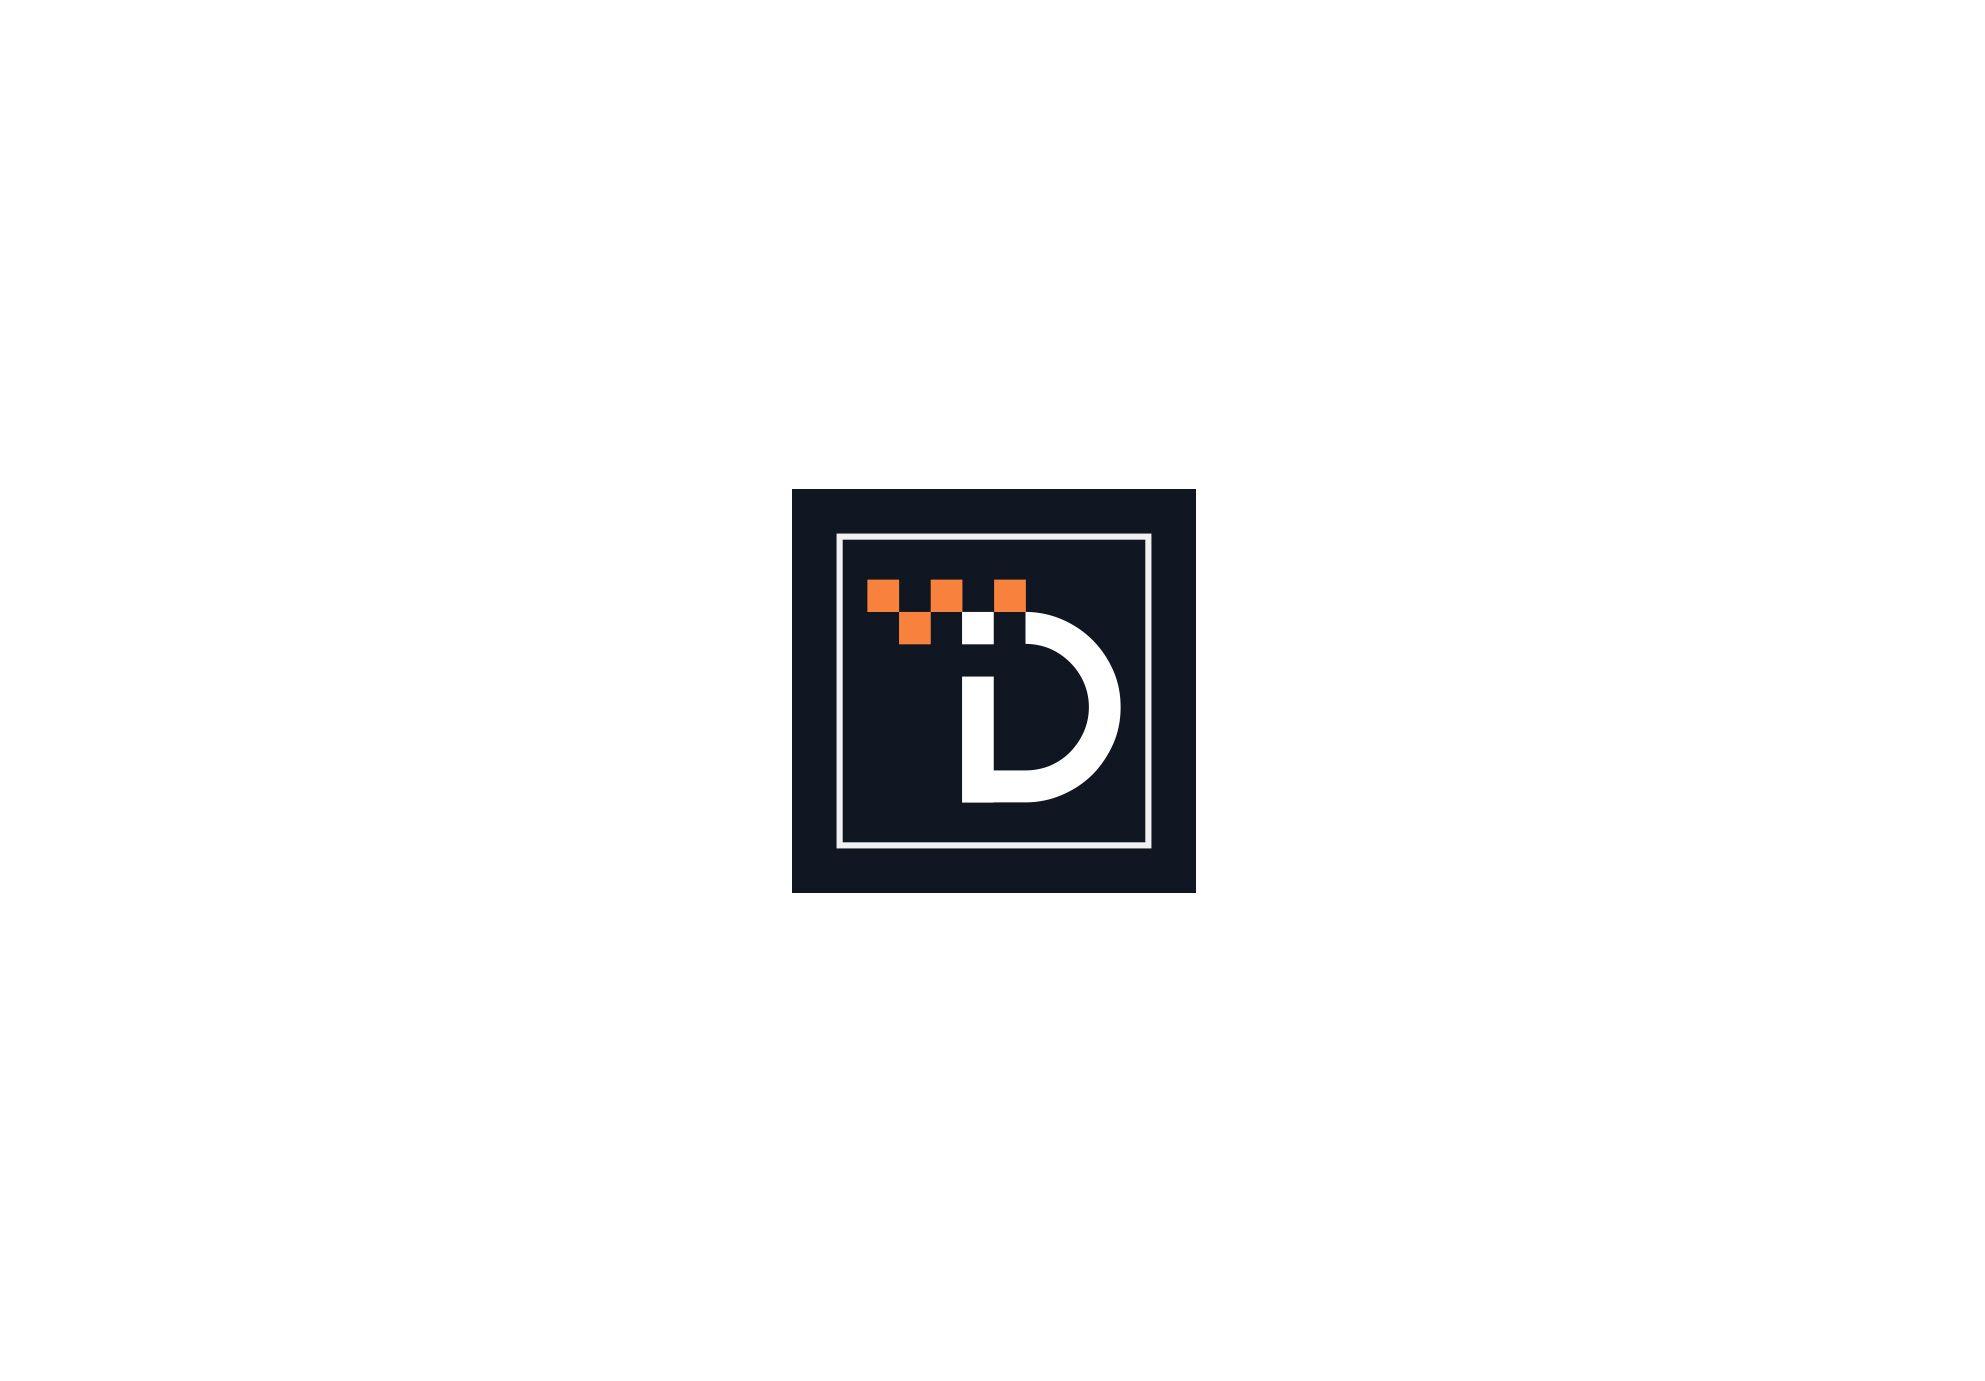 Лого и фирменный стиль для iD Такси - дизайнер comicdm